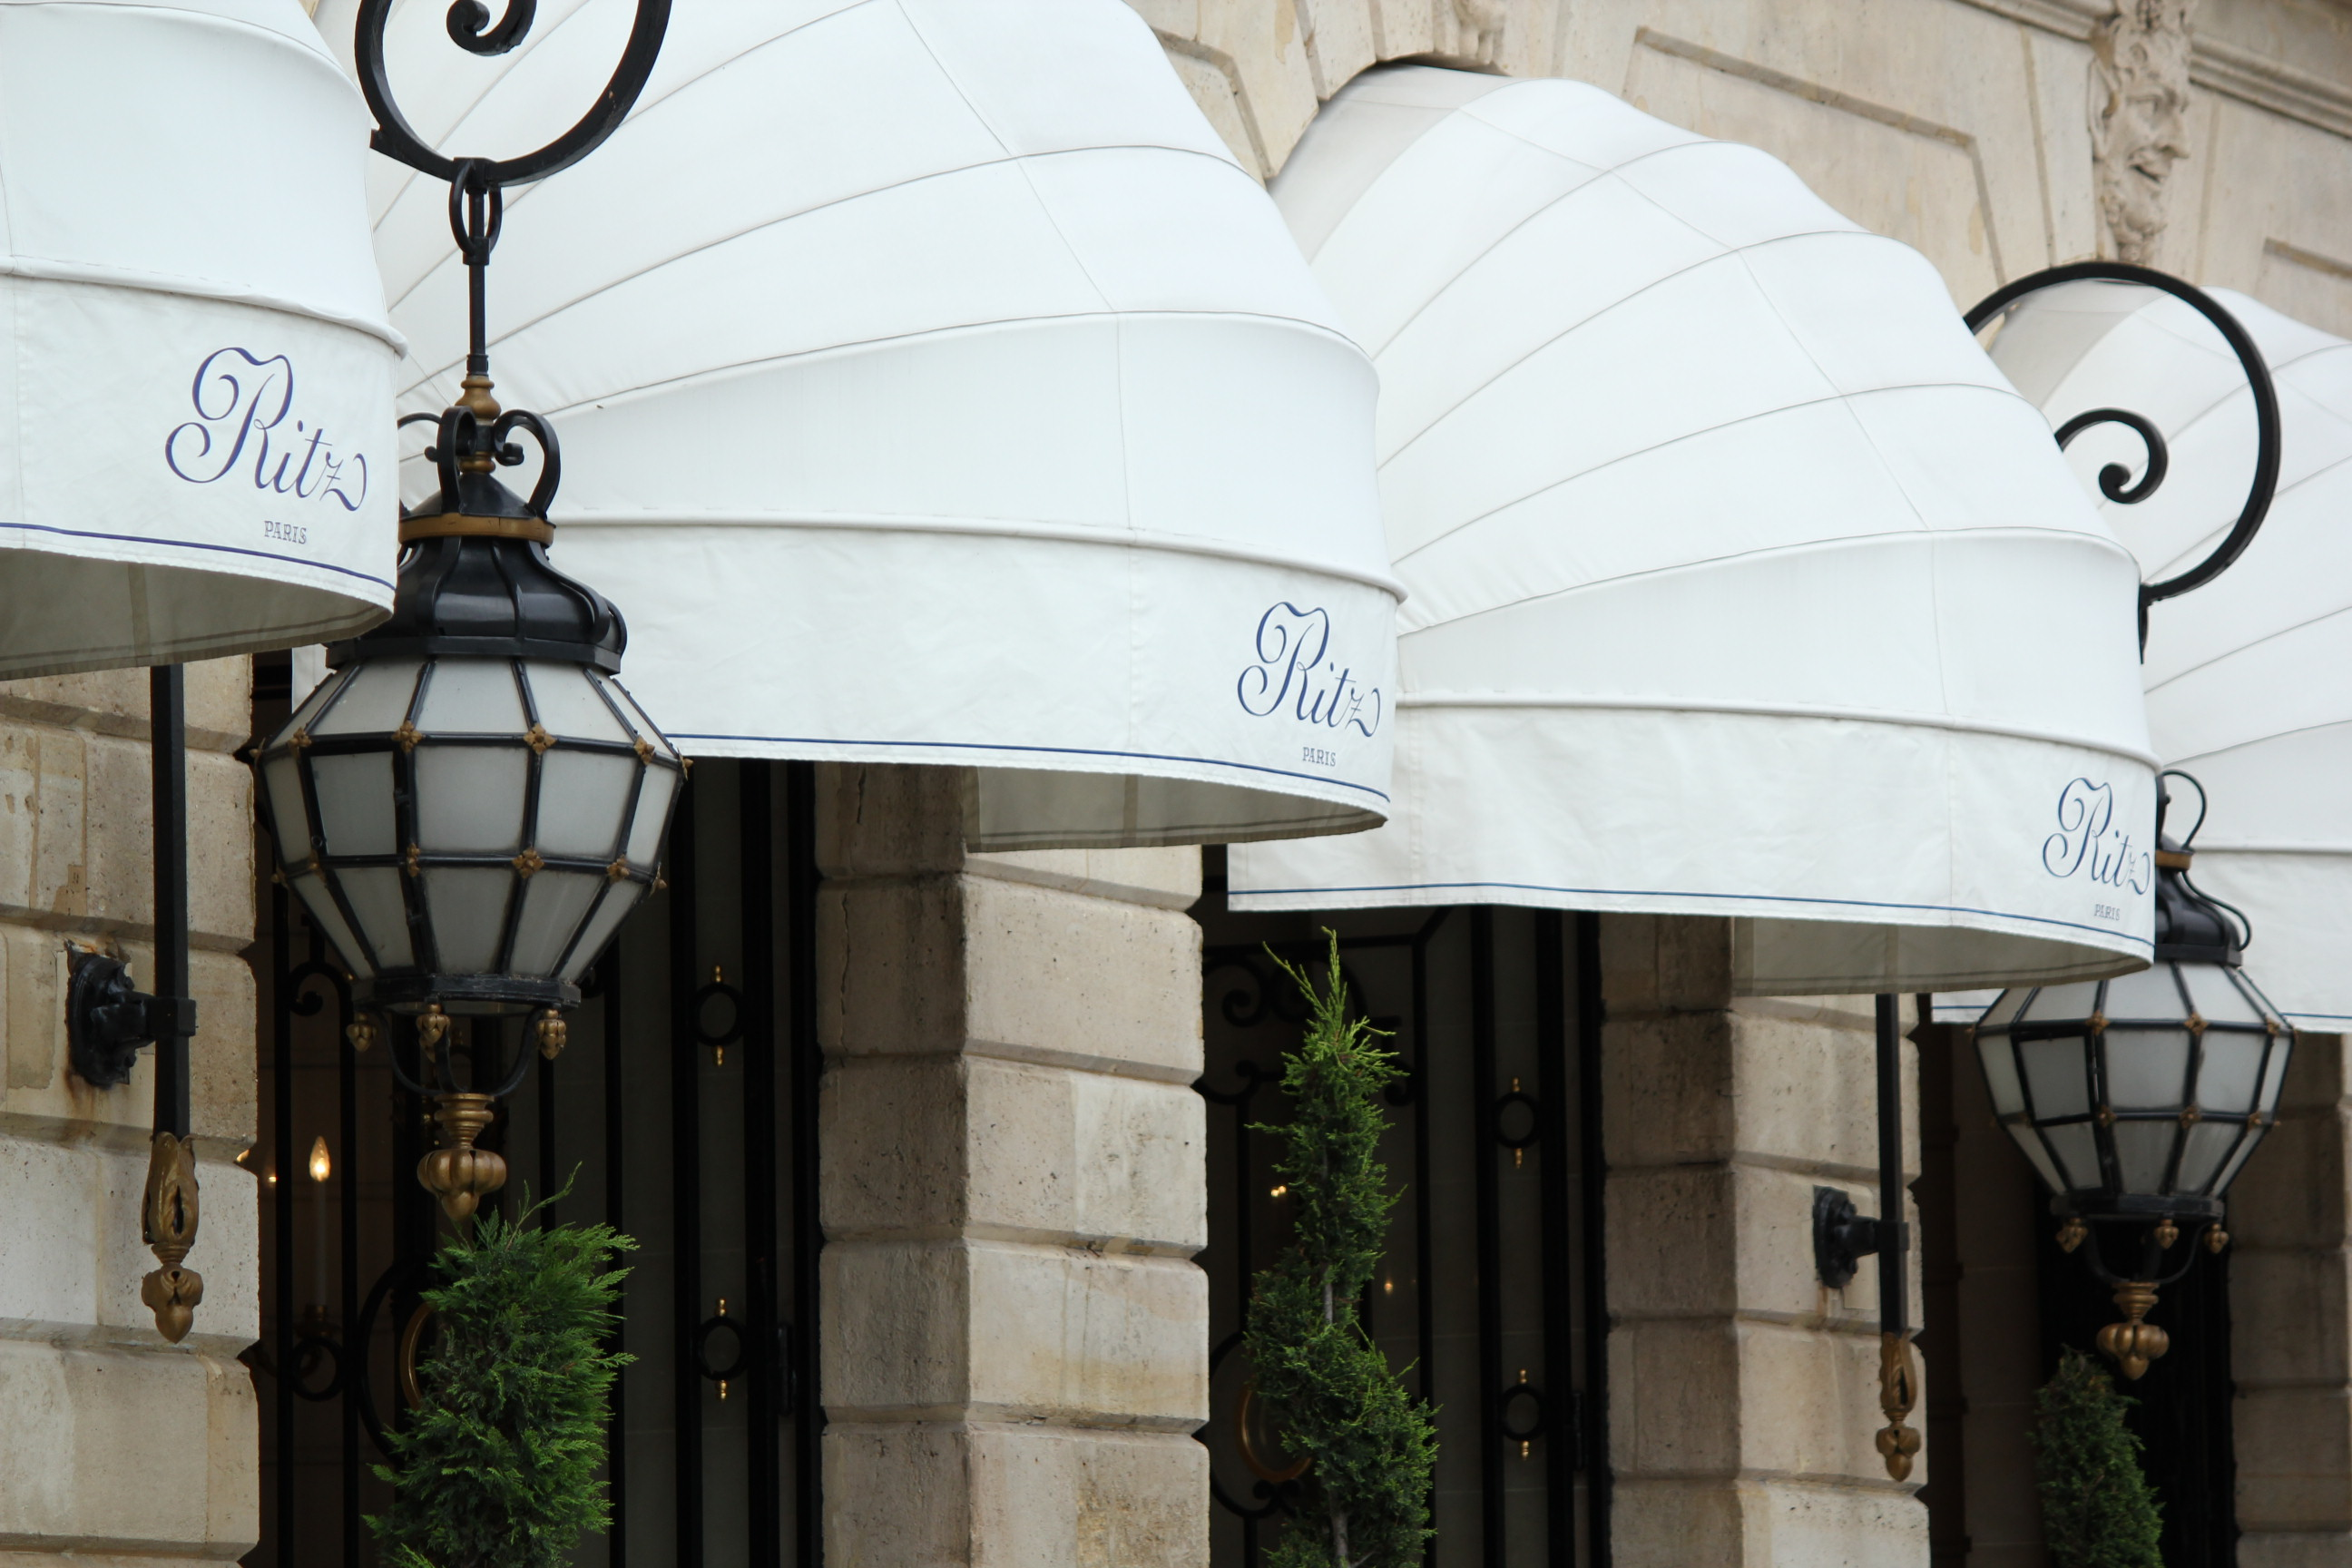 entrance-of-ritz-palace-paris